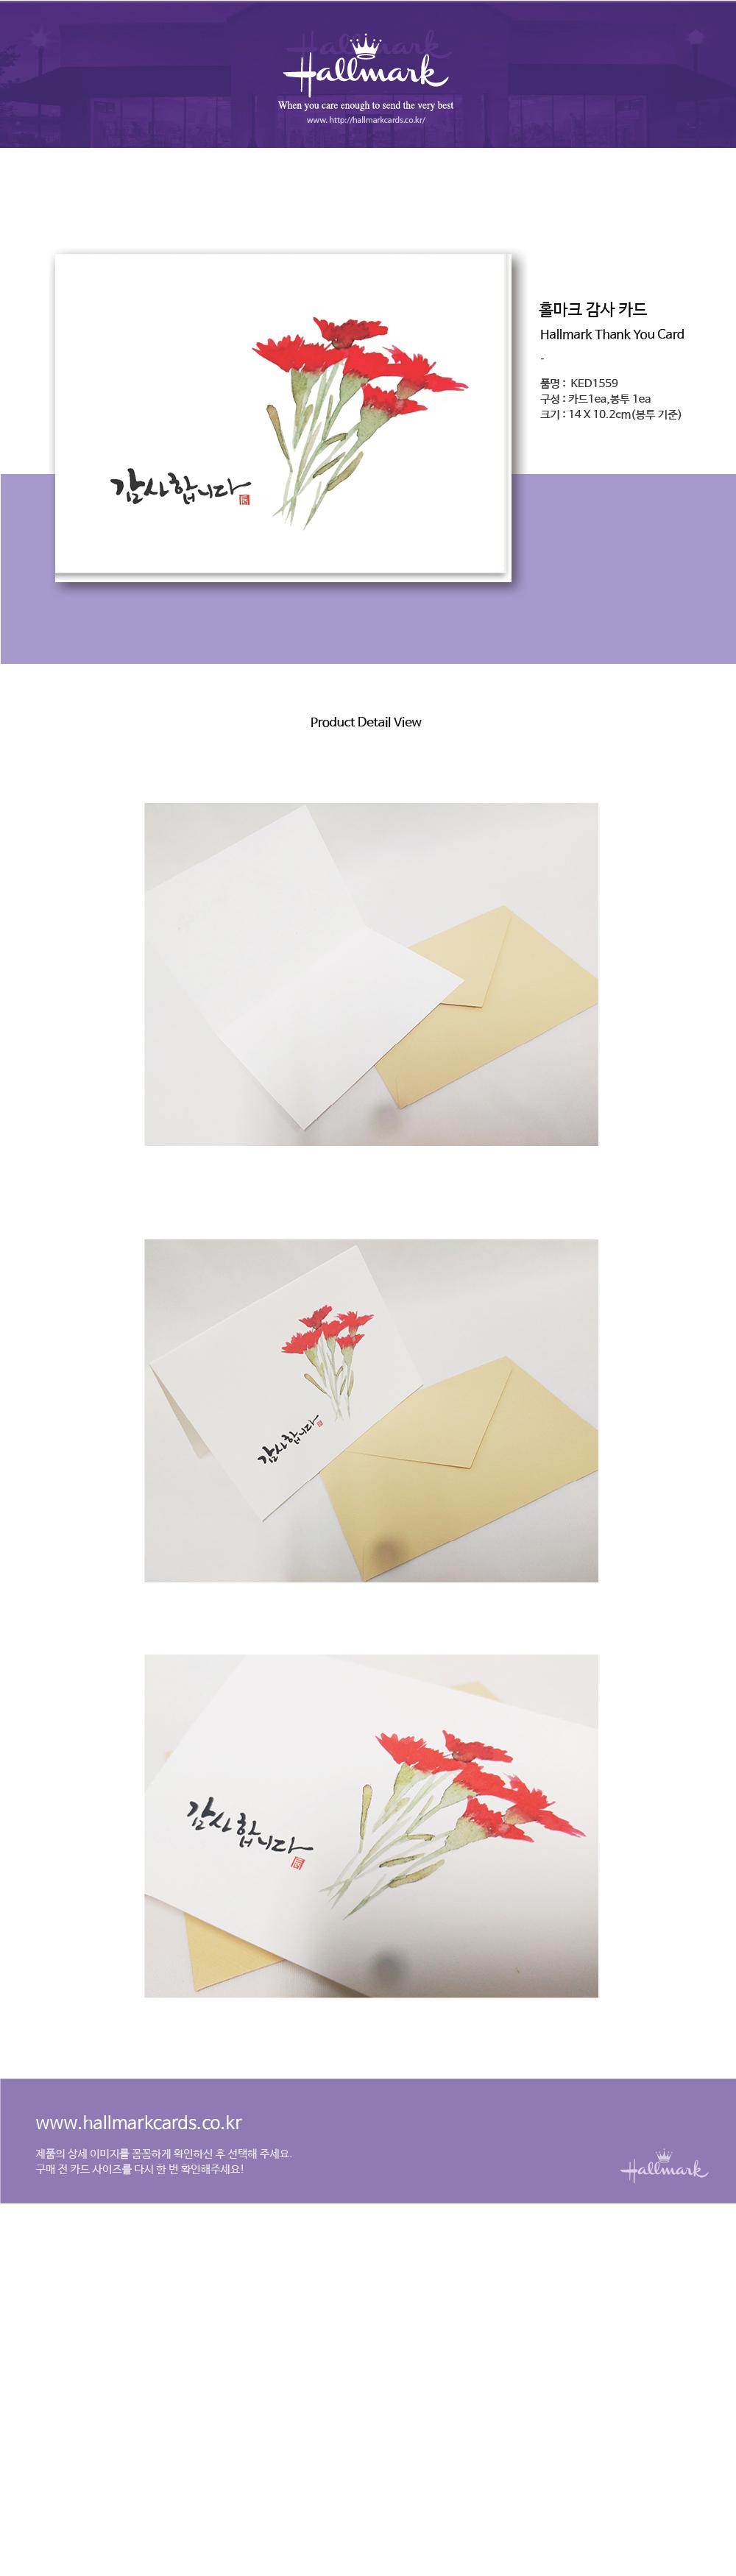 홀마크 꽃 감사카드 -KED15591,500원-홀마크디자인문구, 카드/편지/봉투, 카드, 감사 카드바보사랑홀마크 꽃 감사카드 -KED15591,500원-홀마크디자인문구, 카드/편지/봉투, 카드, 감사 카드바보사랑